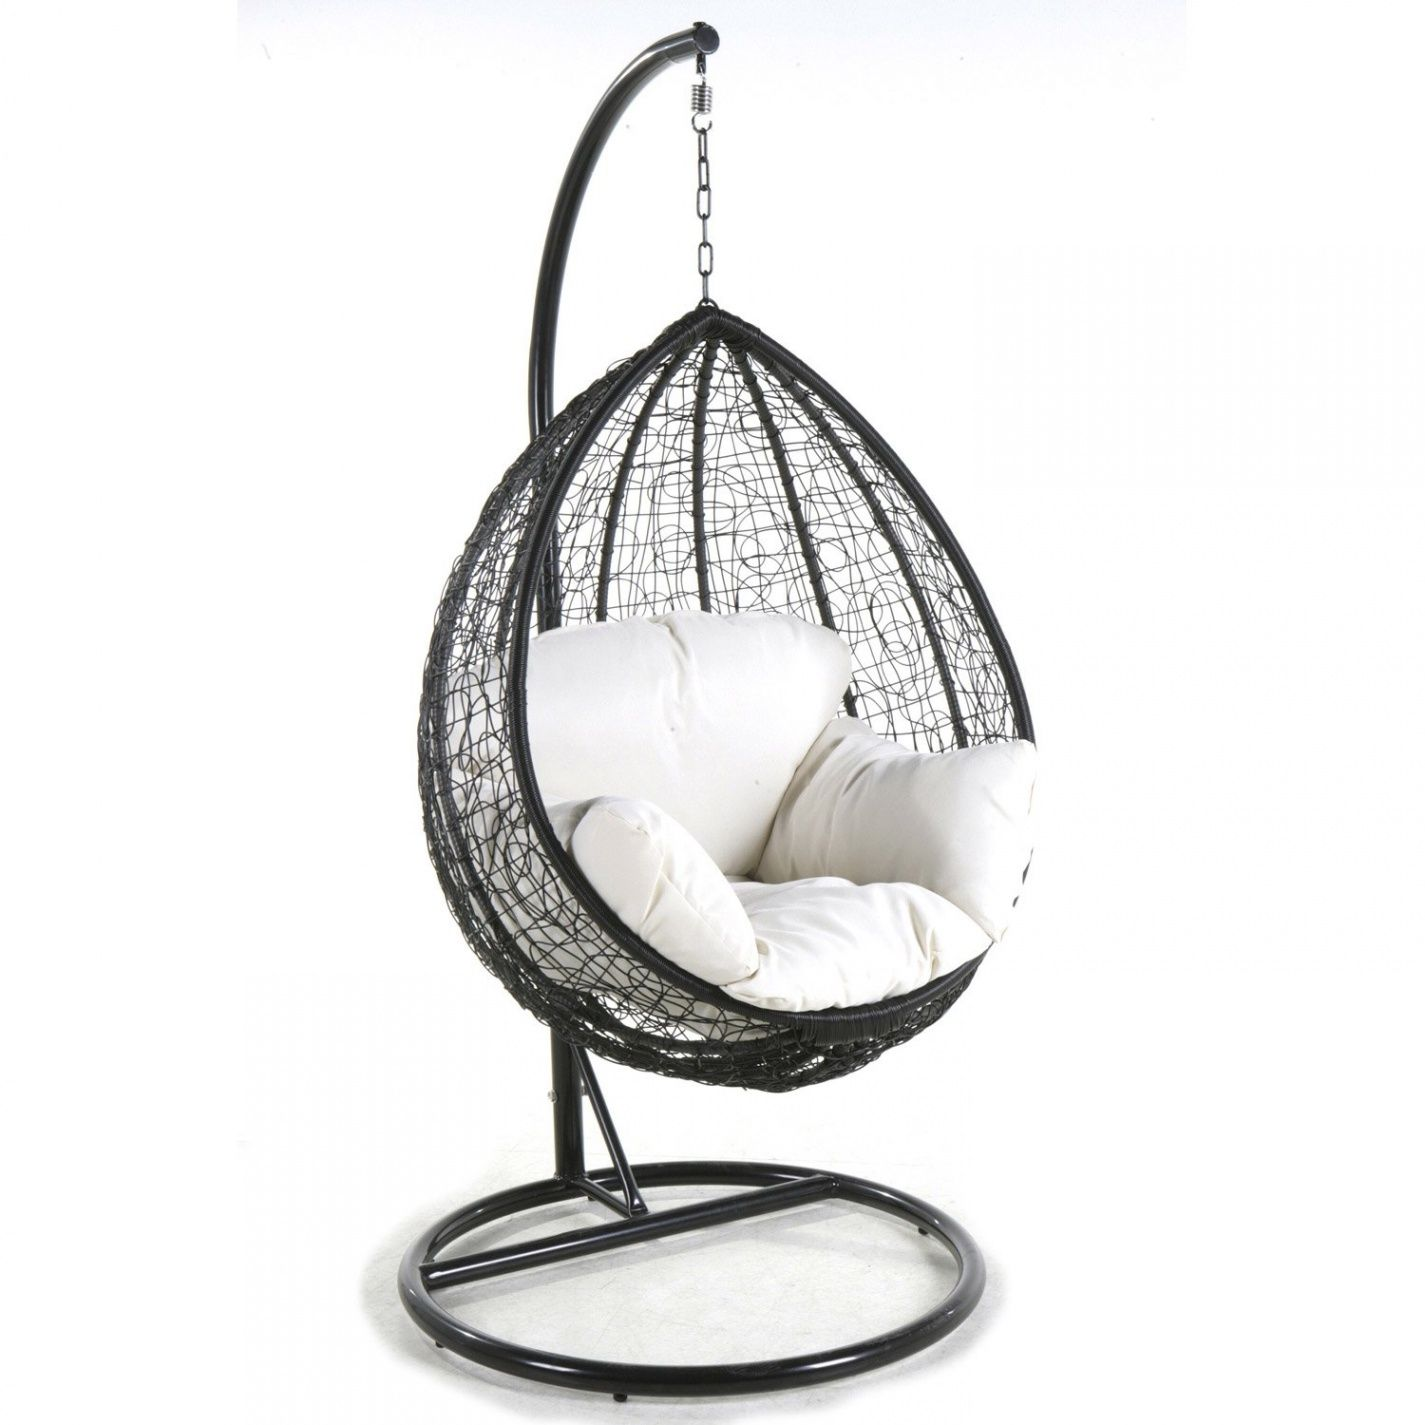 fauteuil de jardin suspendu balancelle